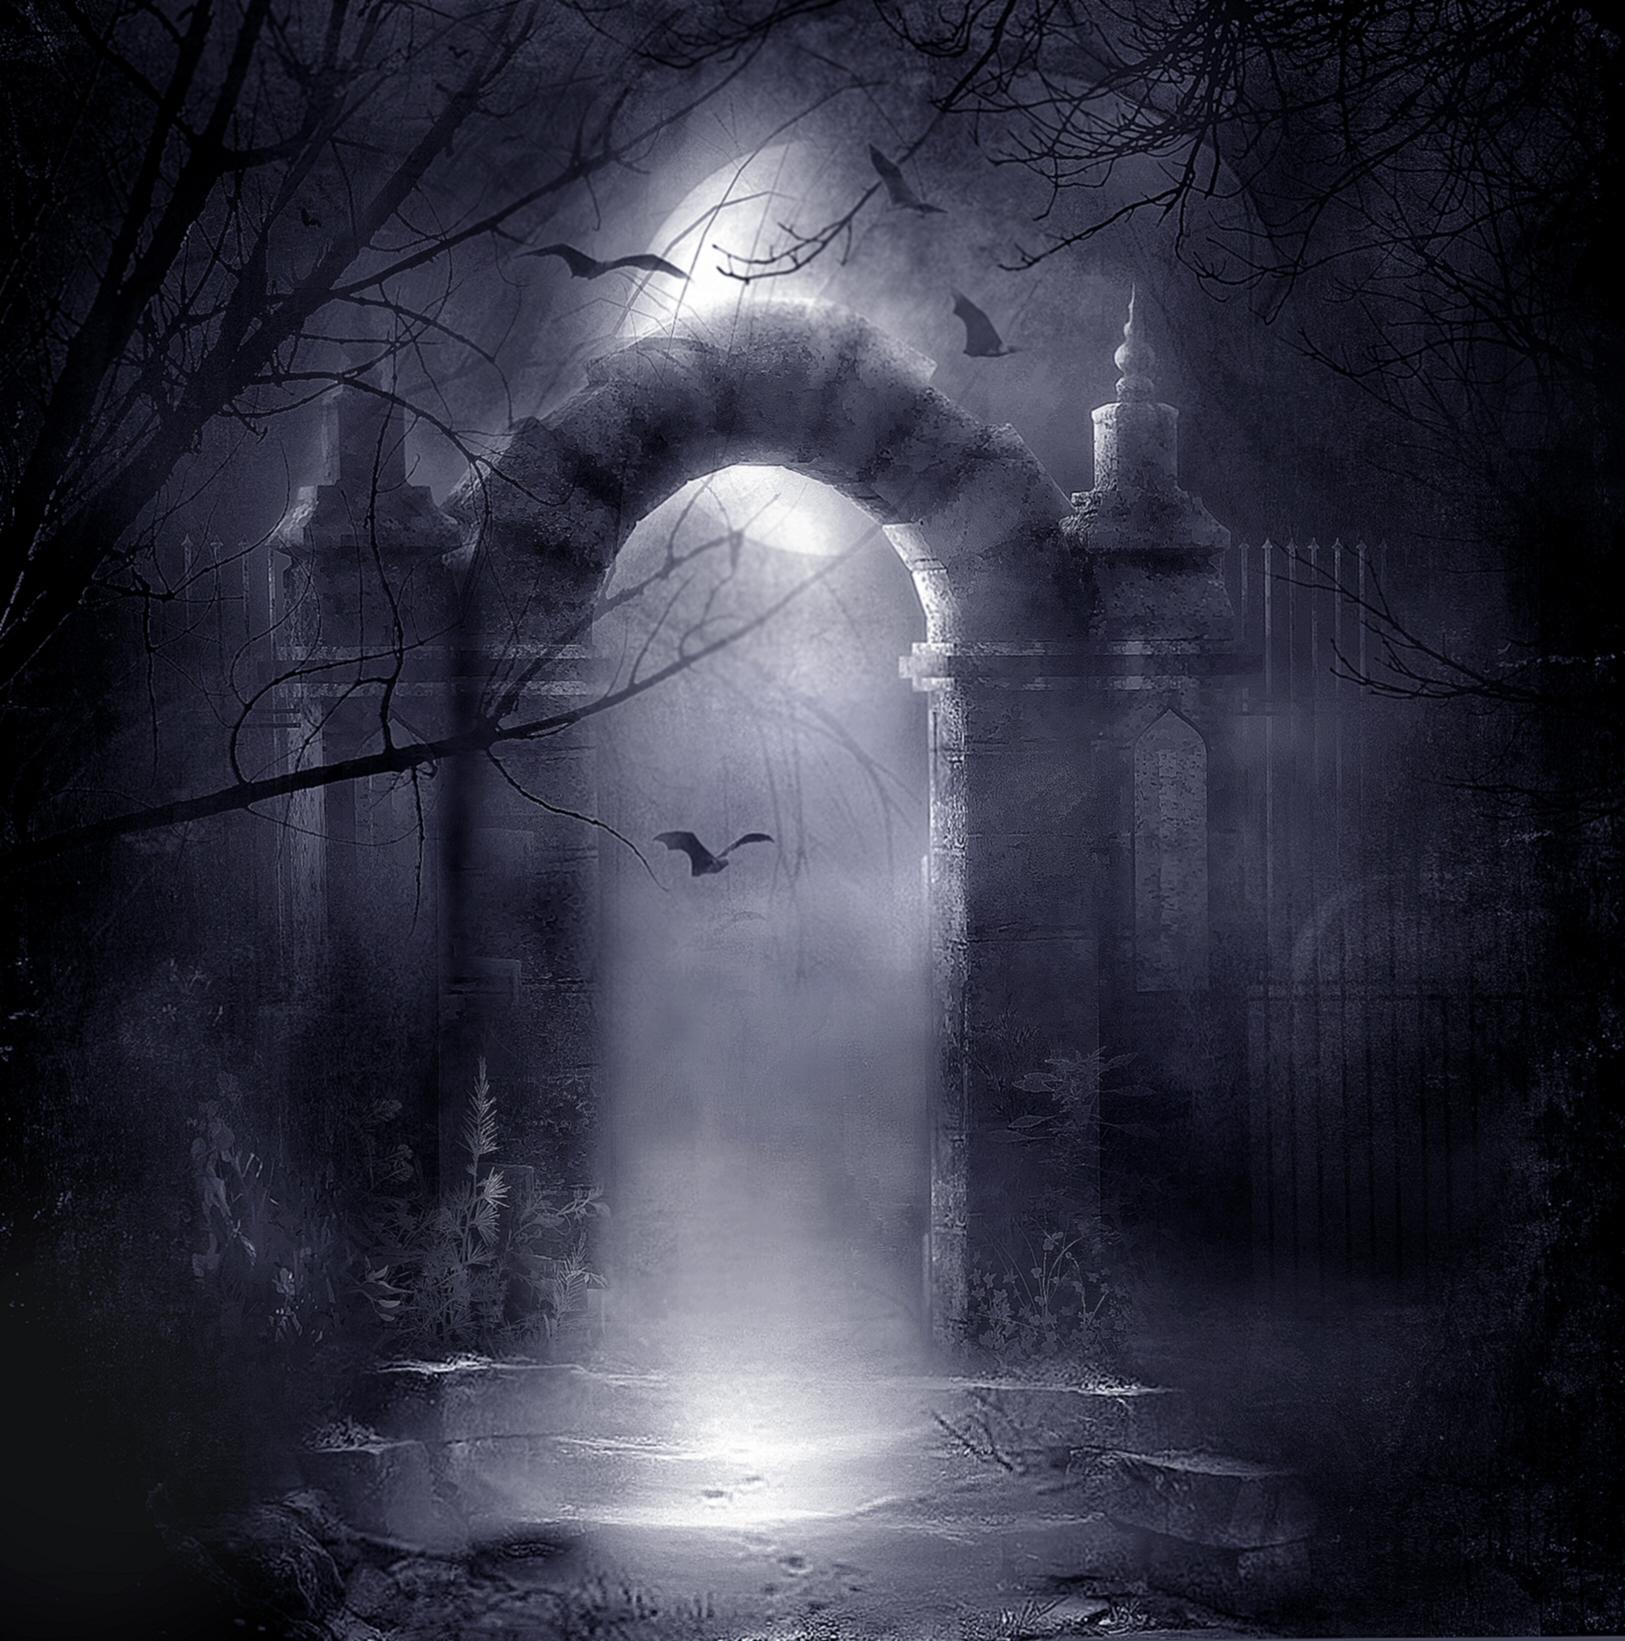 gothic][img]httpwwwimgioncomimages01Darkness Place jpg[img 1625x1641